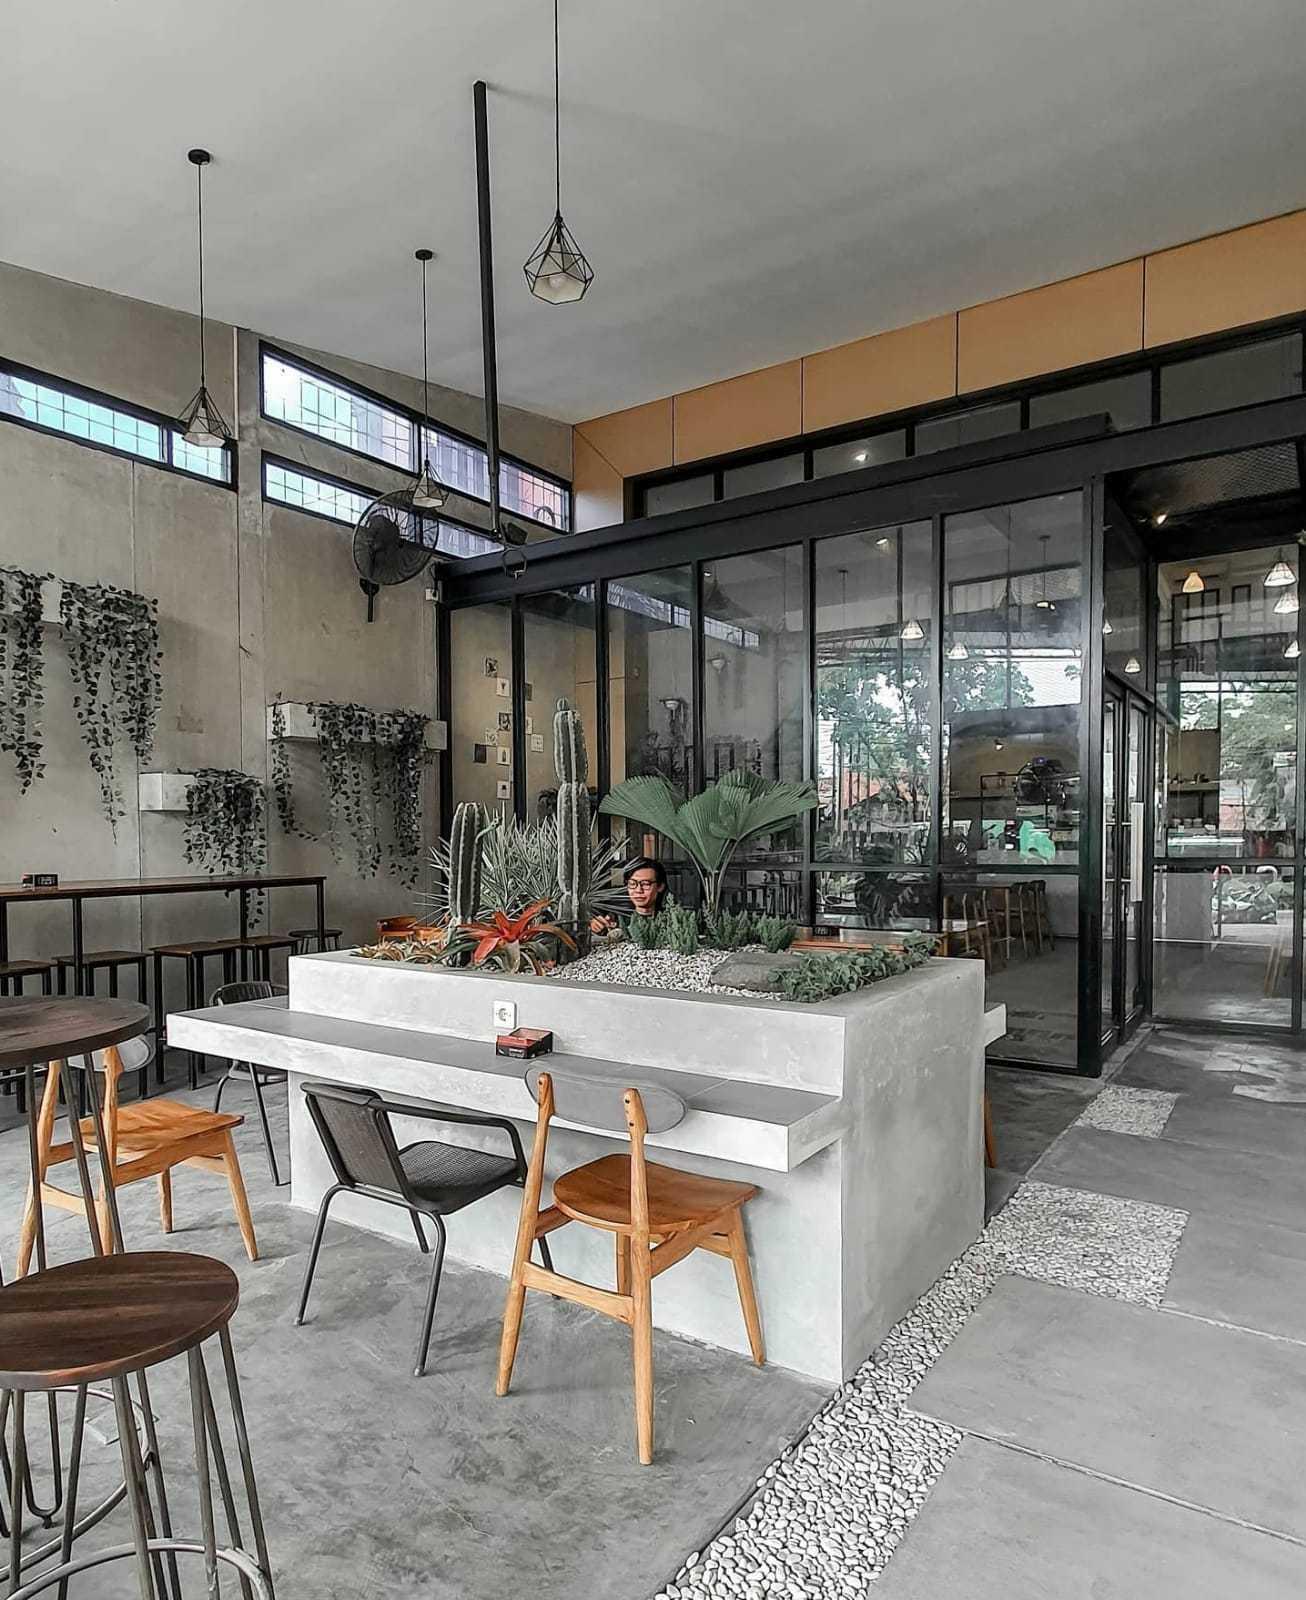 Fau Architects Athaya Coffee Pedurungan, Kota Semarang, Jawa Tengah, Indonesia Pedurungan, Kota Semarang, Jawa Tengah, Indonesia Fau-Architects-Athaya-Coffee   109045